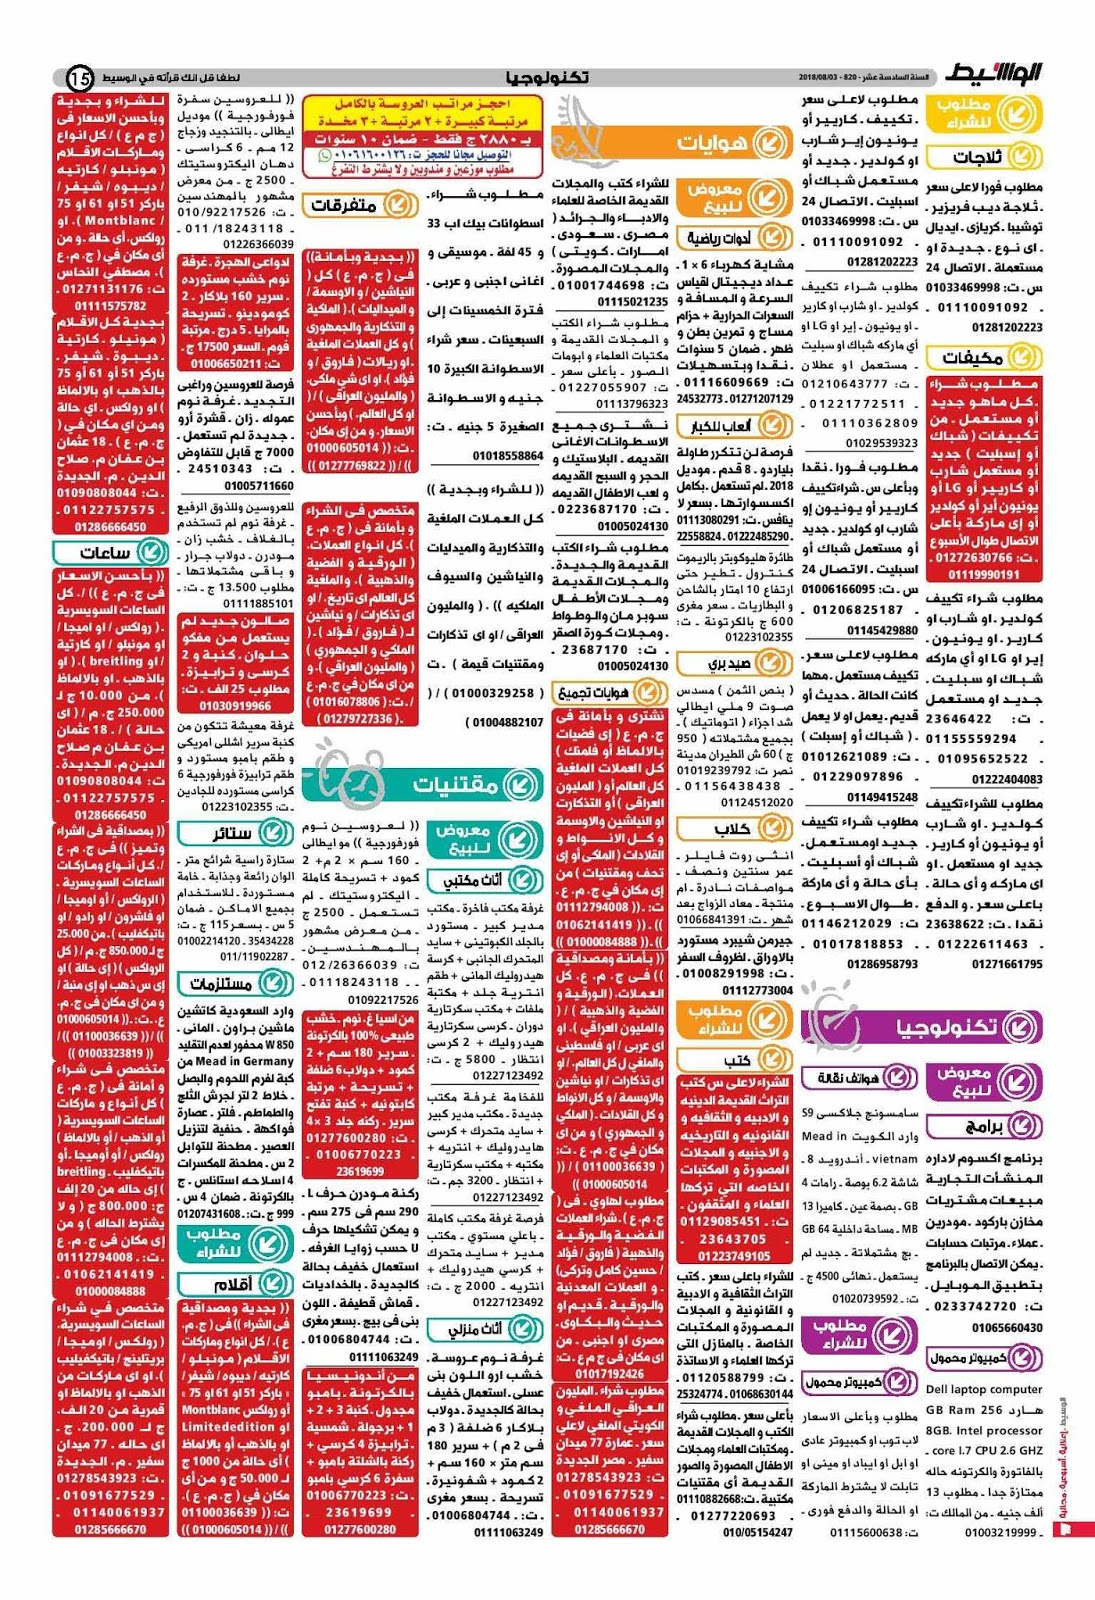 وظائف الوسيط مصر الجمعة 3 اغسطس 2018 واعلانات الوسيط